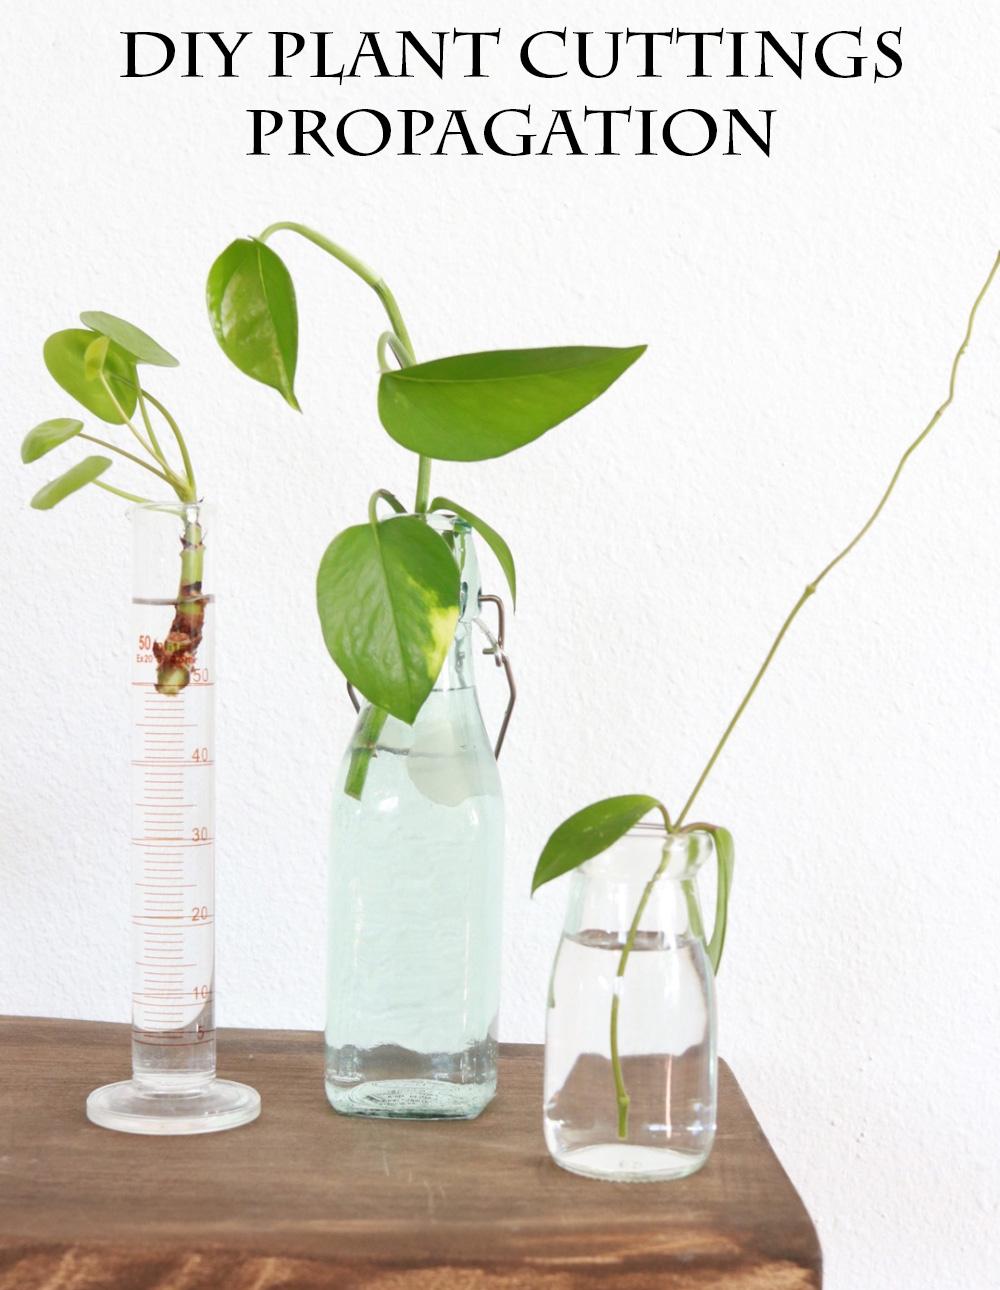 DIY Plant Cuttings Propagation